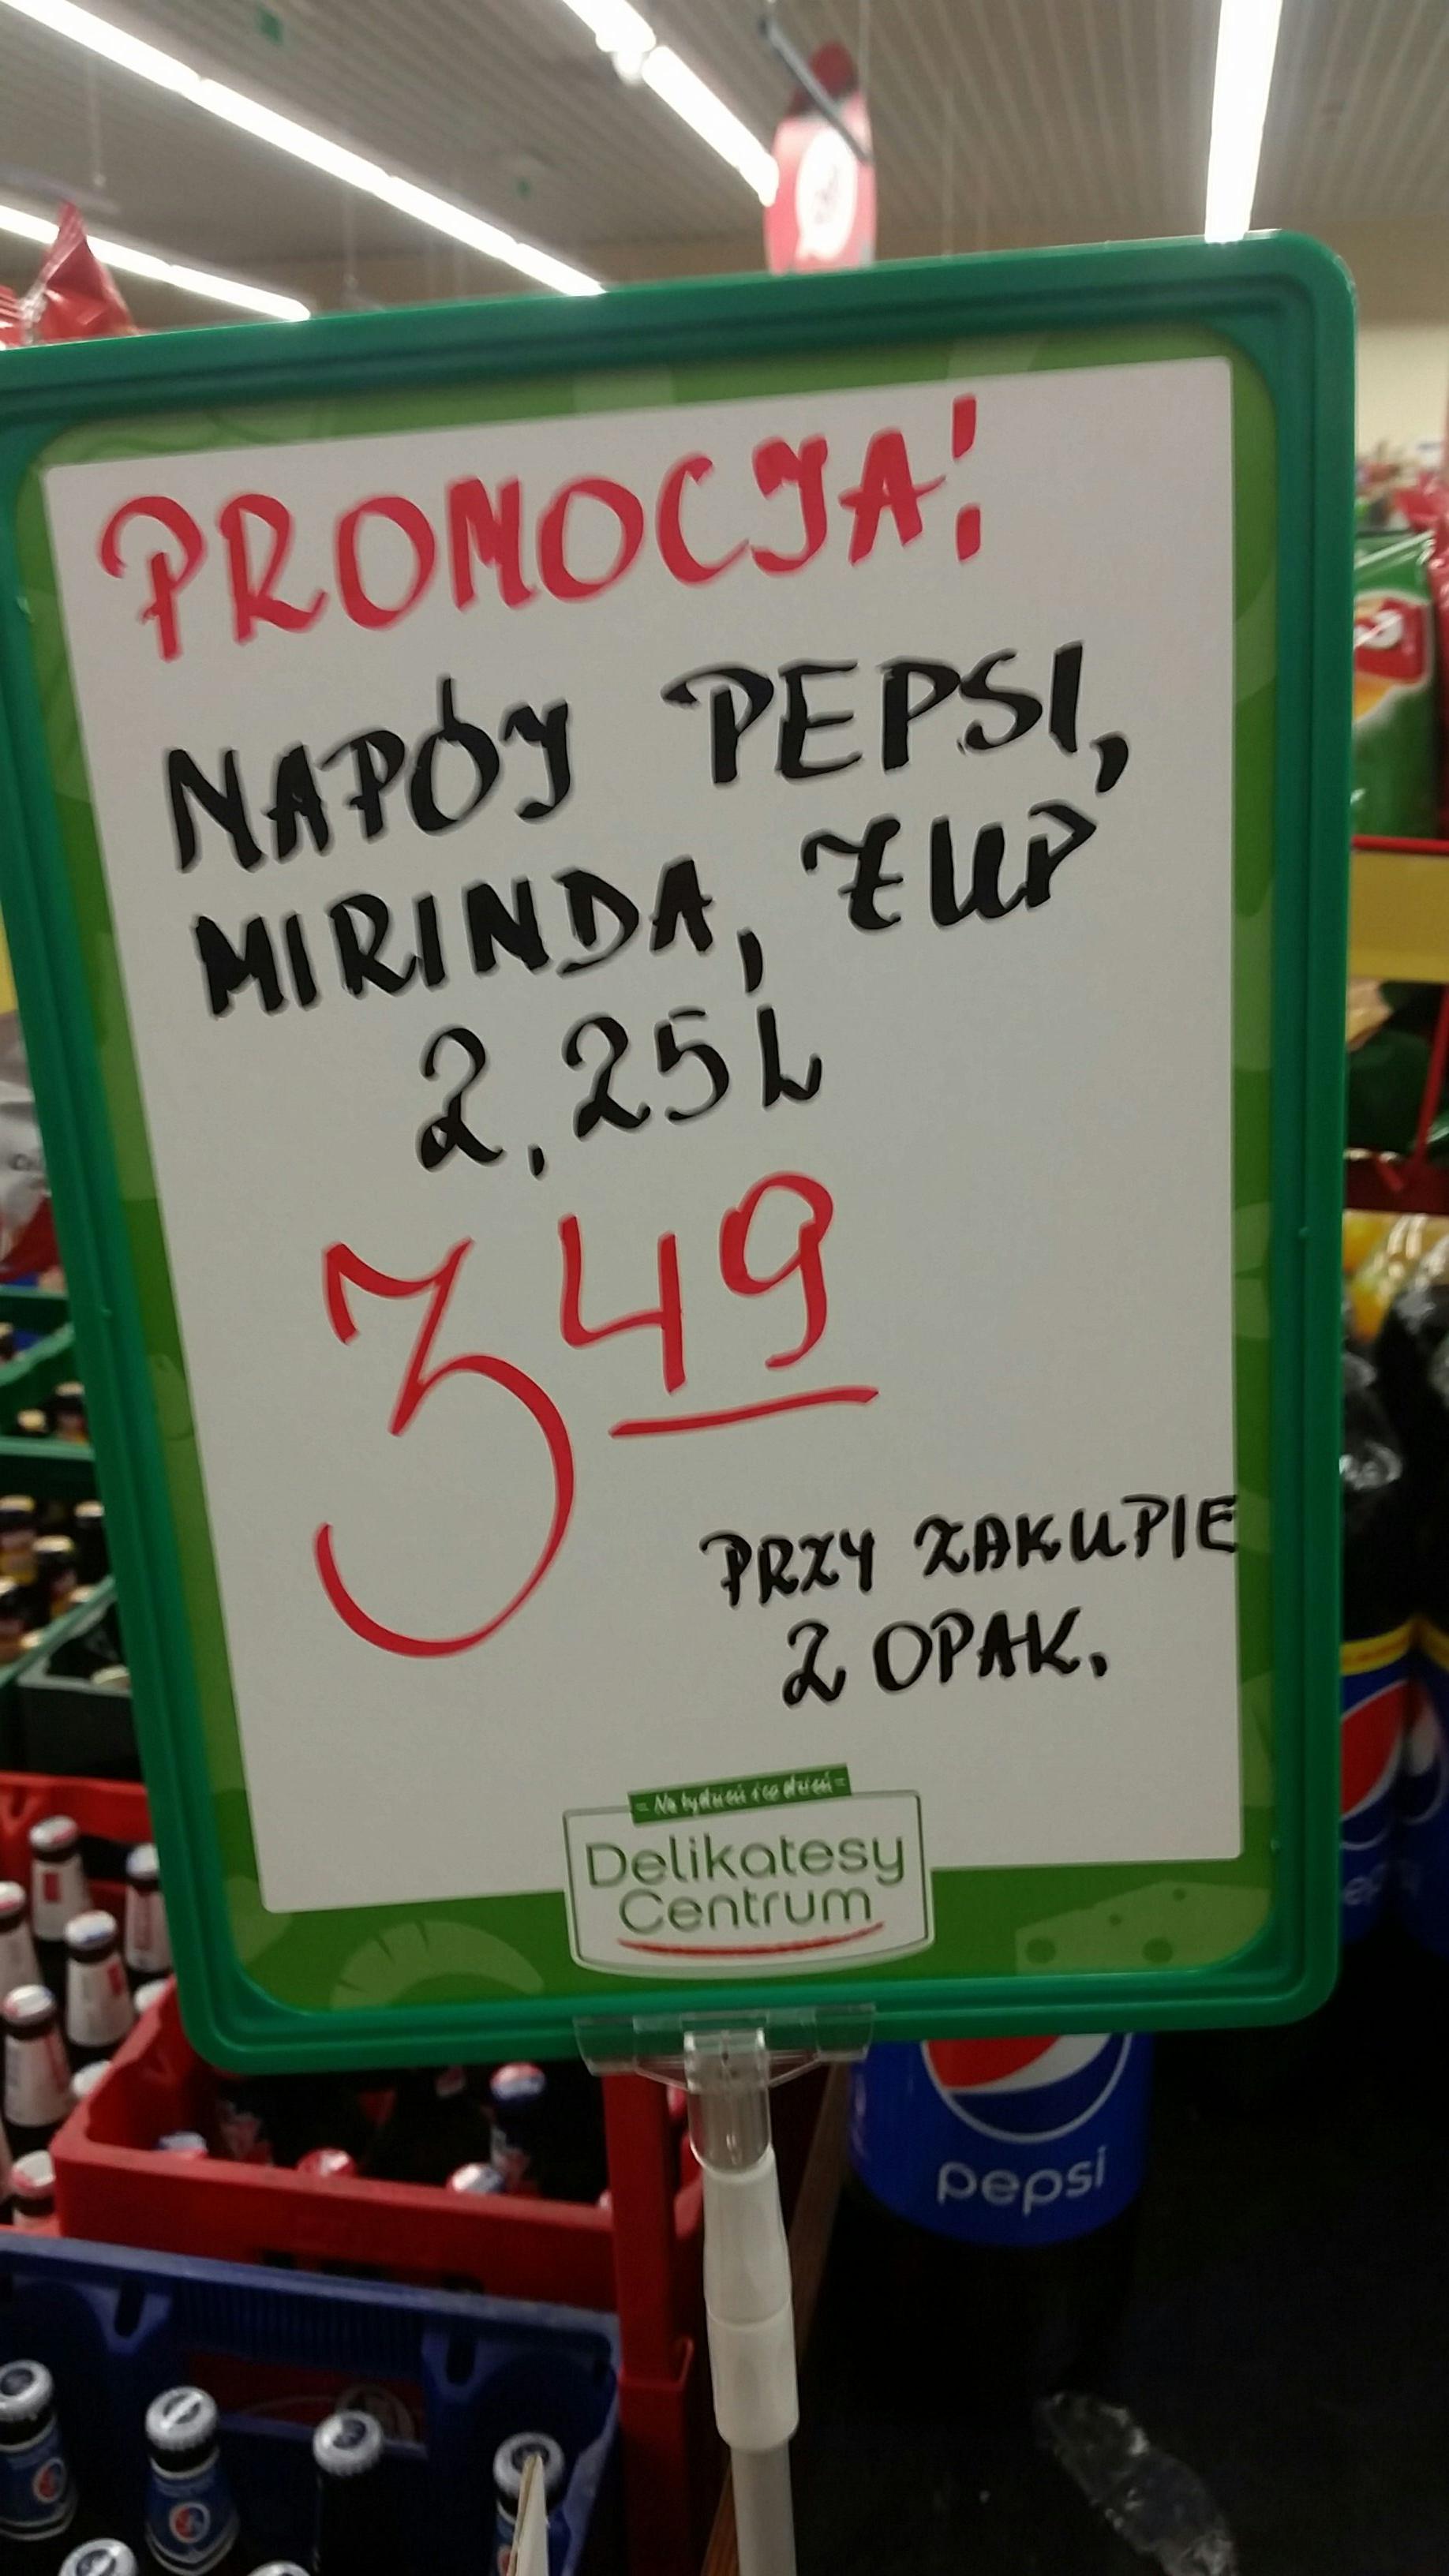 PEPSI 3.49 zł za 2.25 L przy zakupie 2 opk.